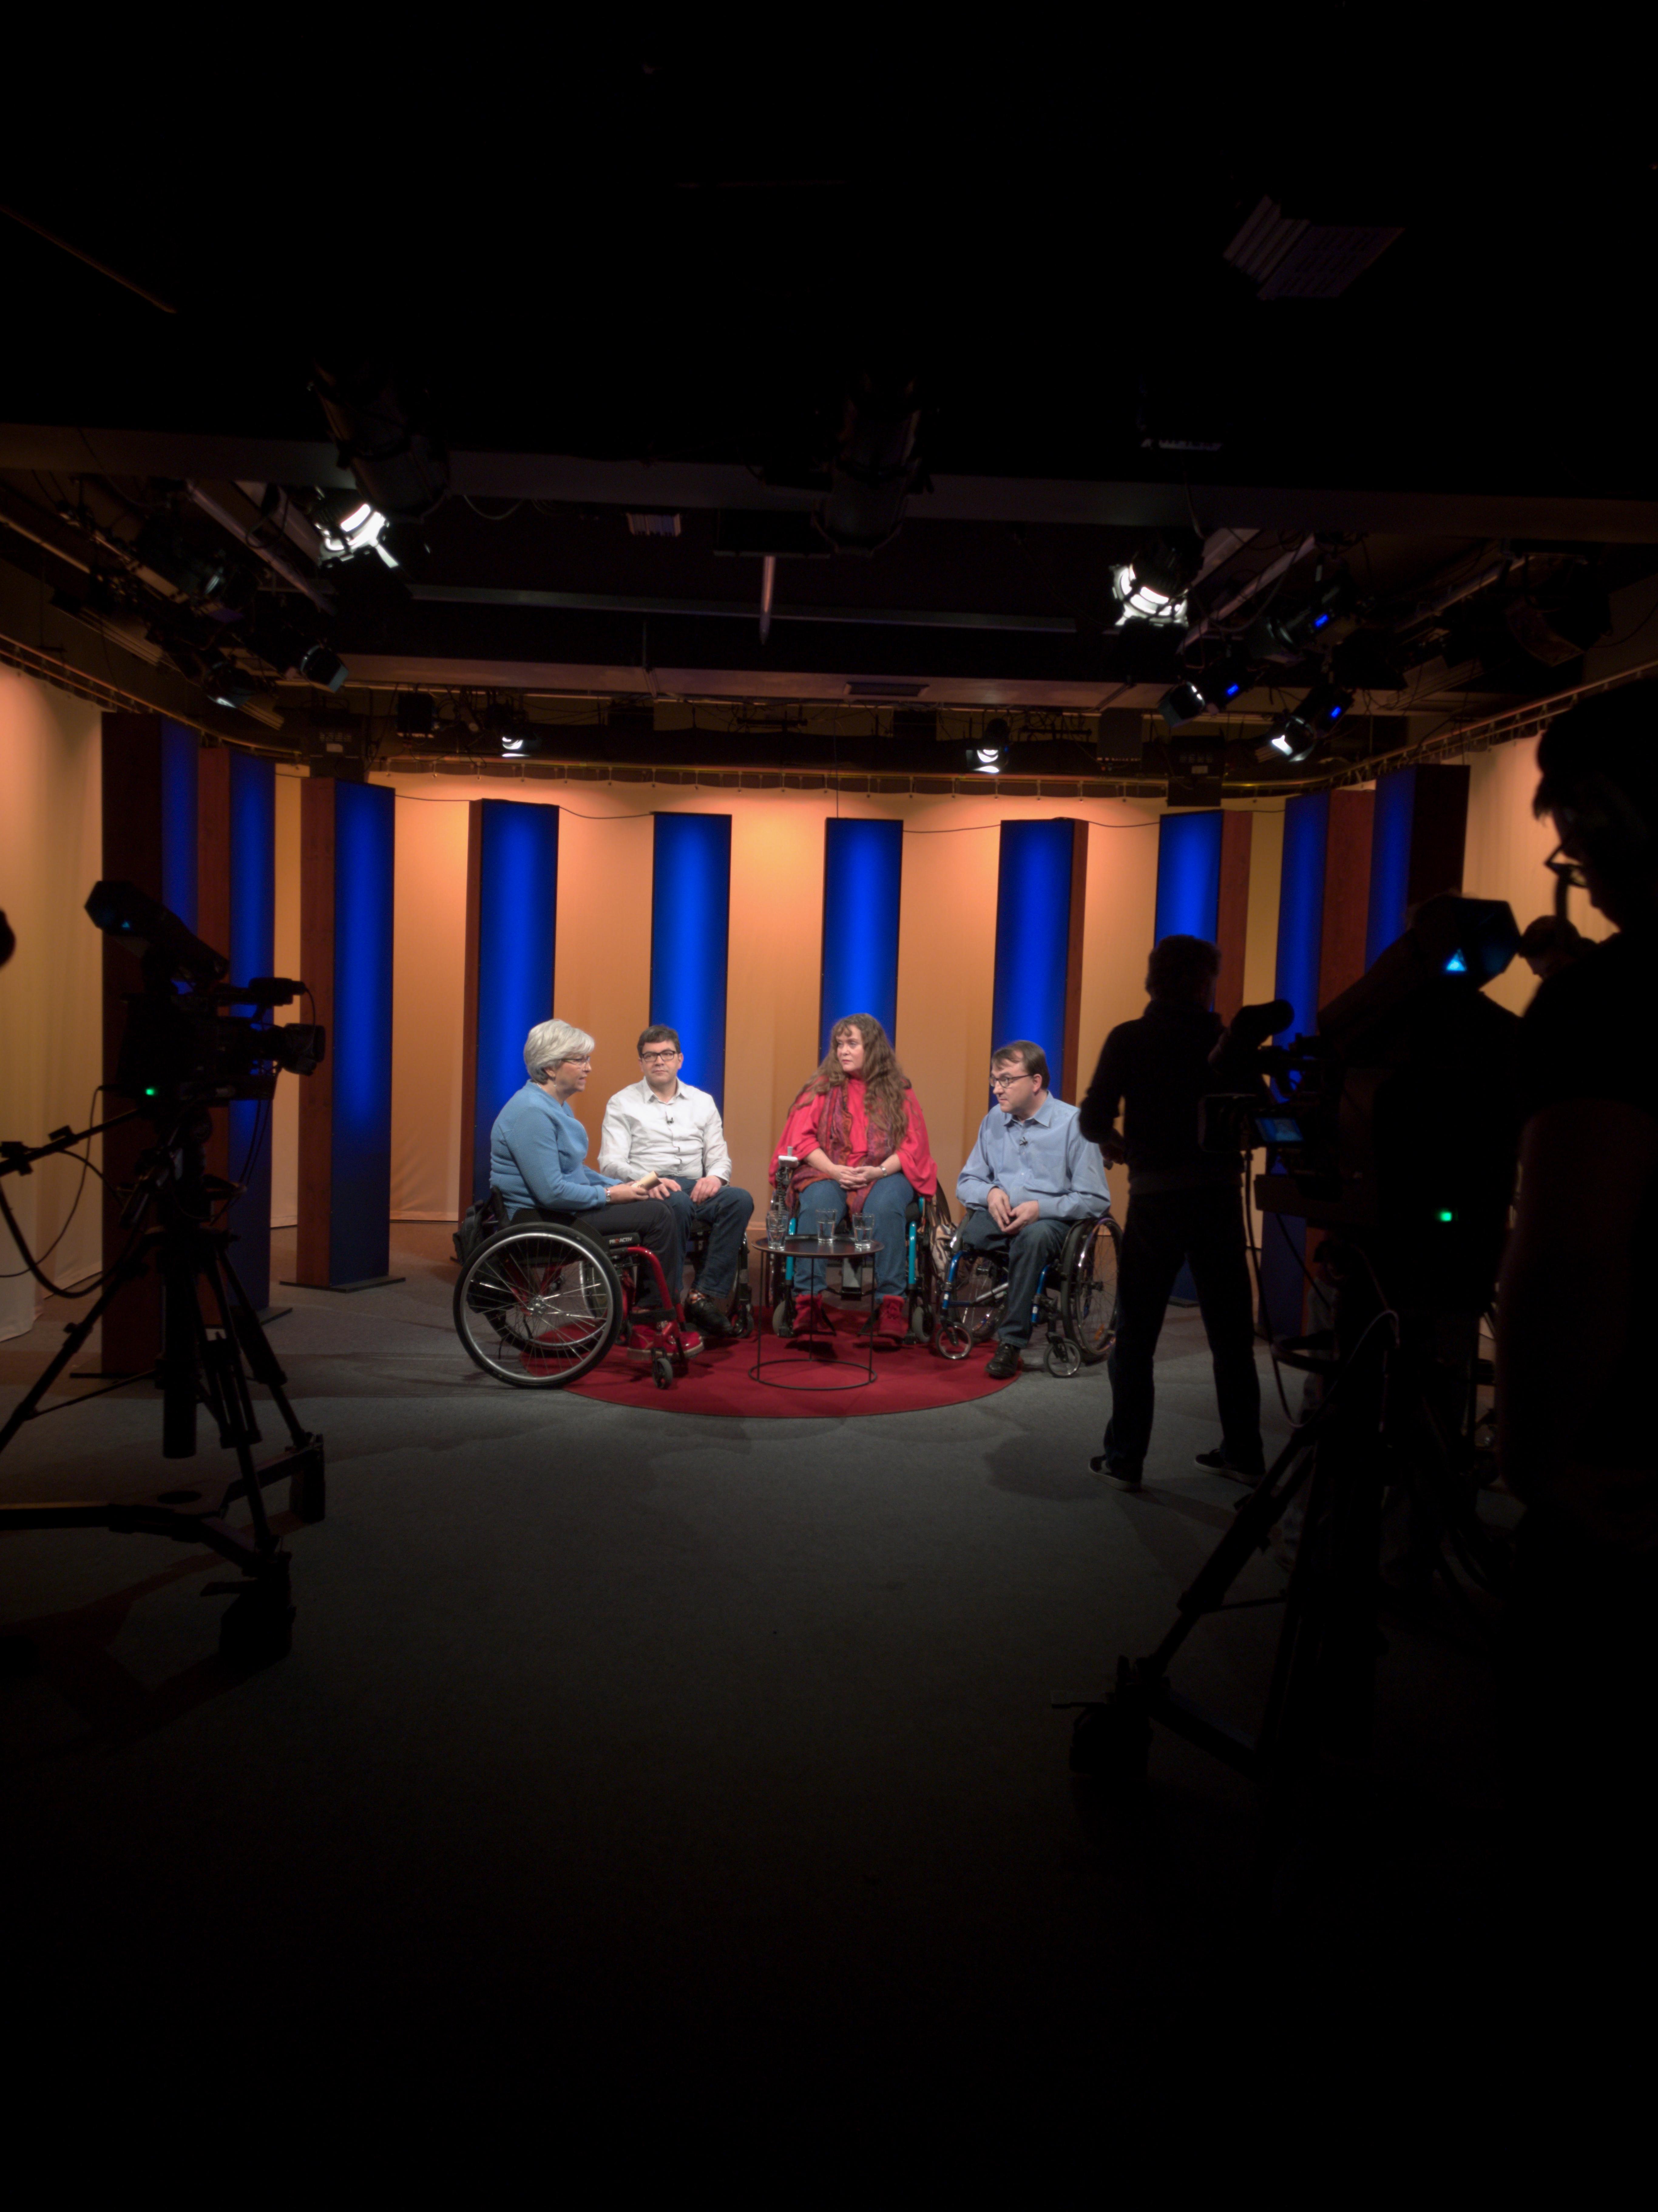 Fernsehstudio mit Kameraleuten im Dunkeln und im Licht sitzen die Moderatorin Anita Read und drei Stadtratskandidaten: Maximilian Dorner (Grüne), Patricia Koller (parteilos, Liste die LINKE) und Martin Blasi (Freie Wähler)